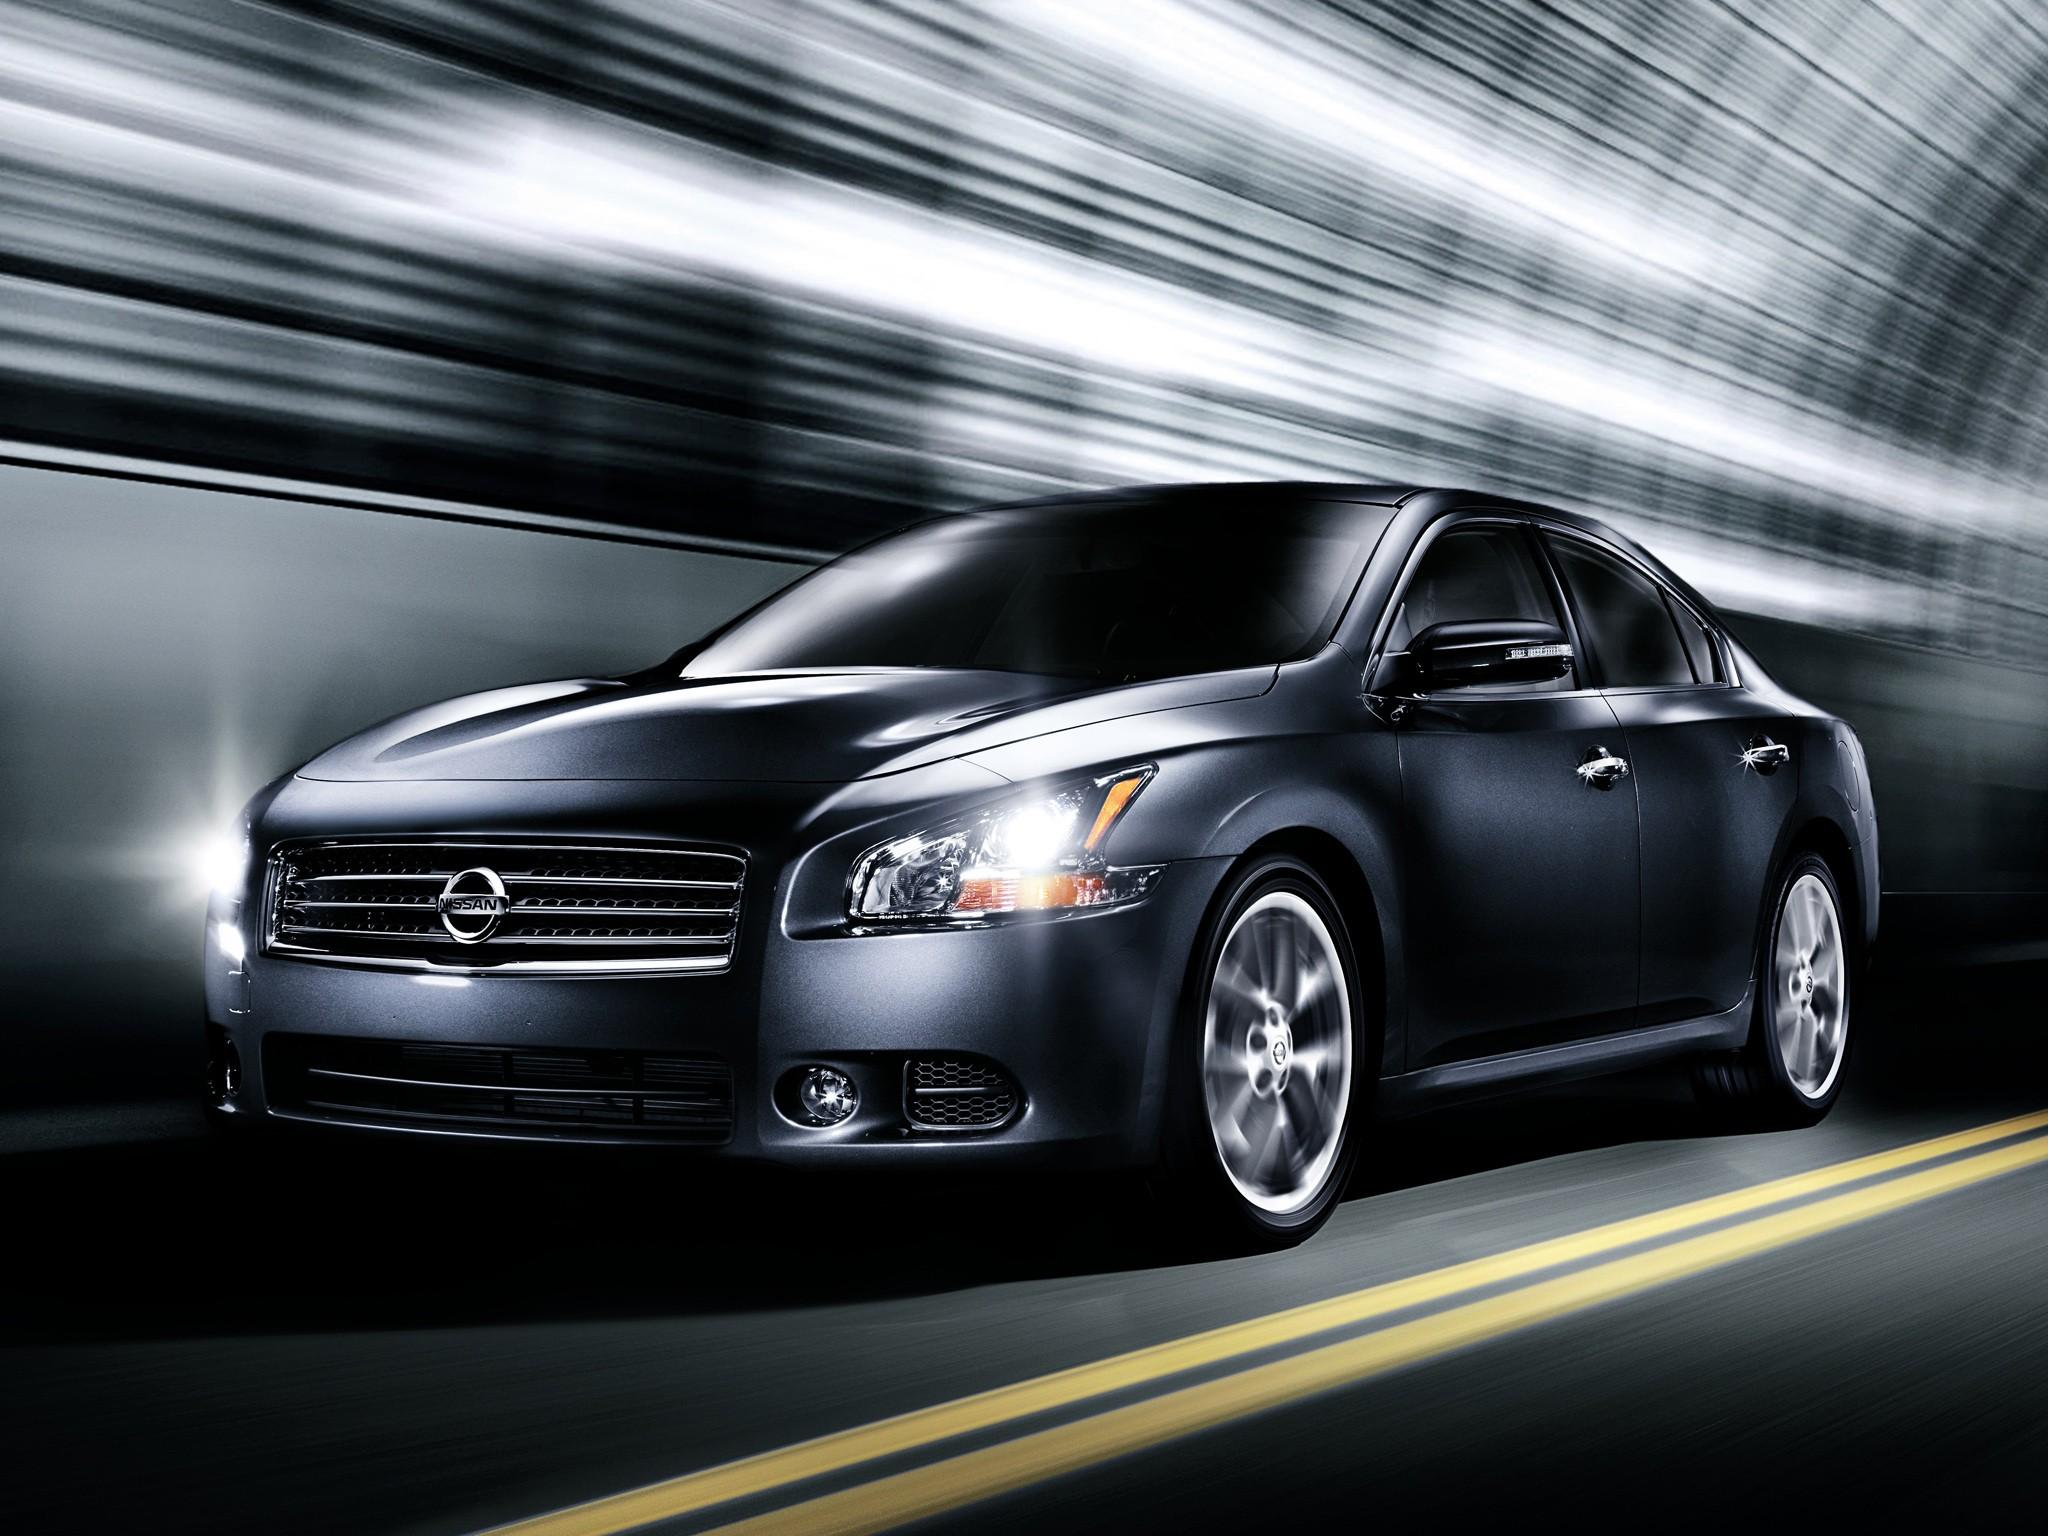 2013 Nissan Leaf Electric